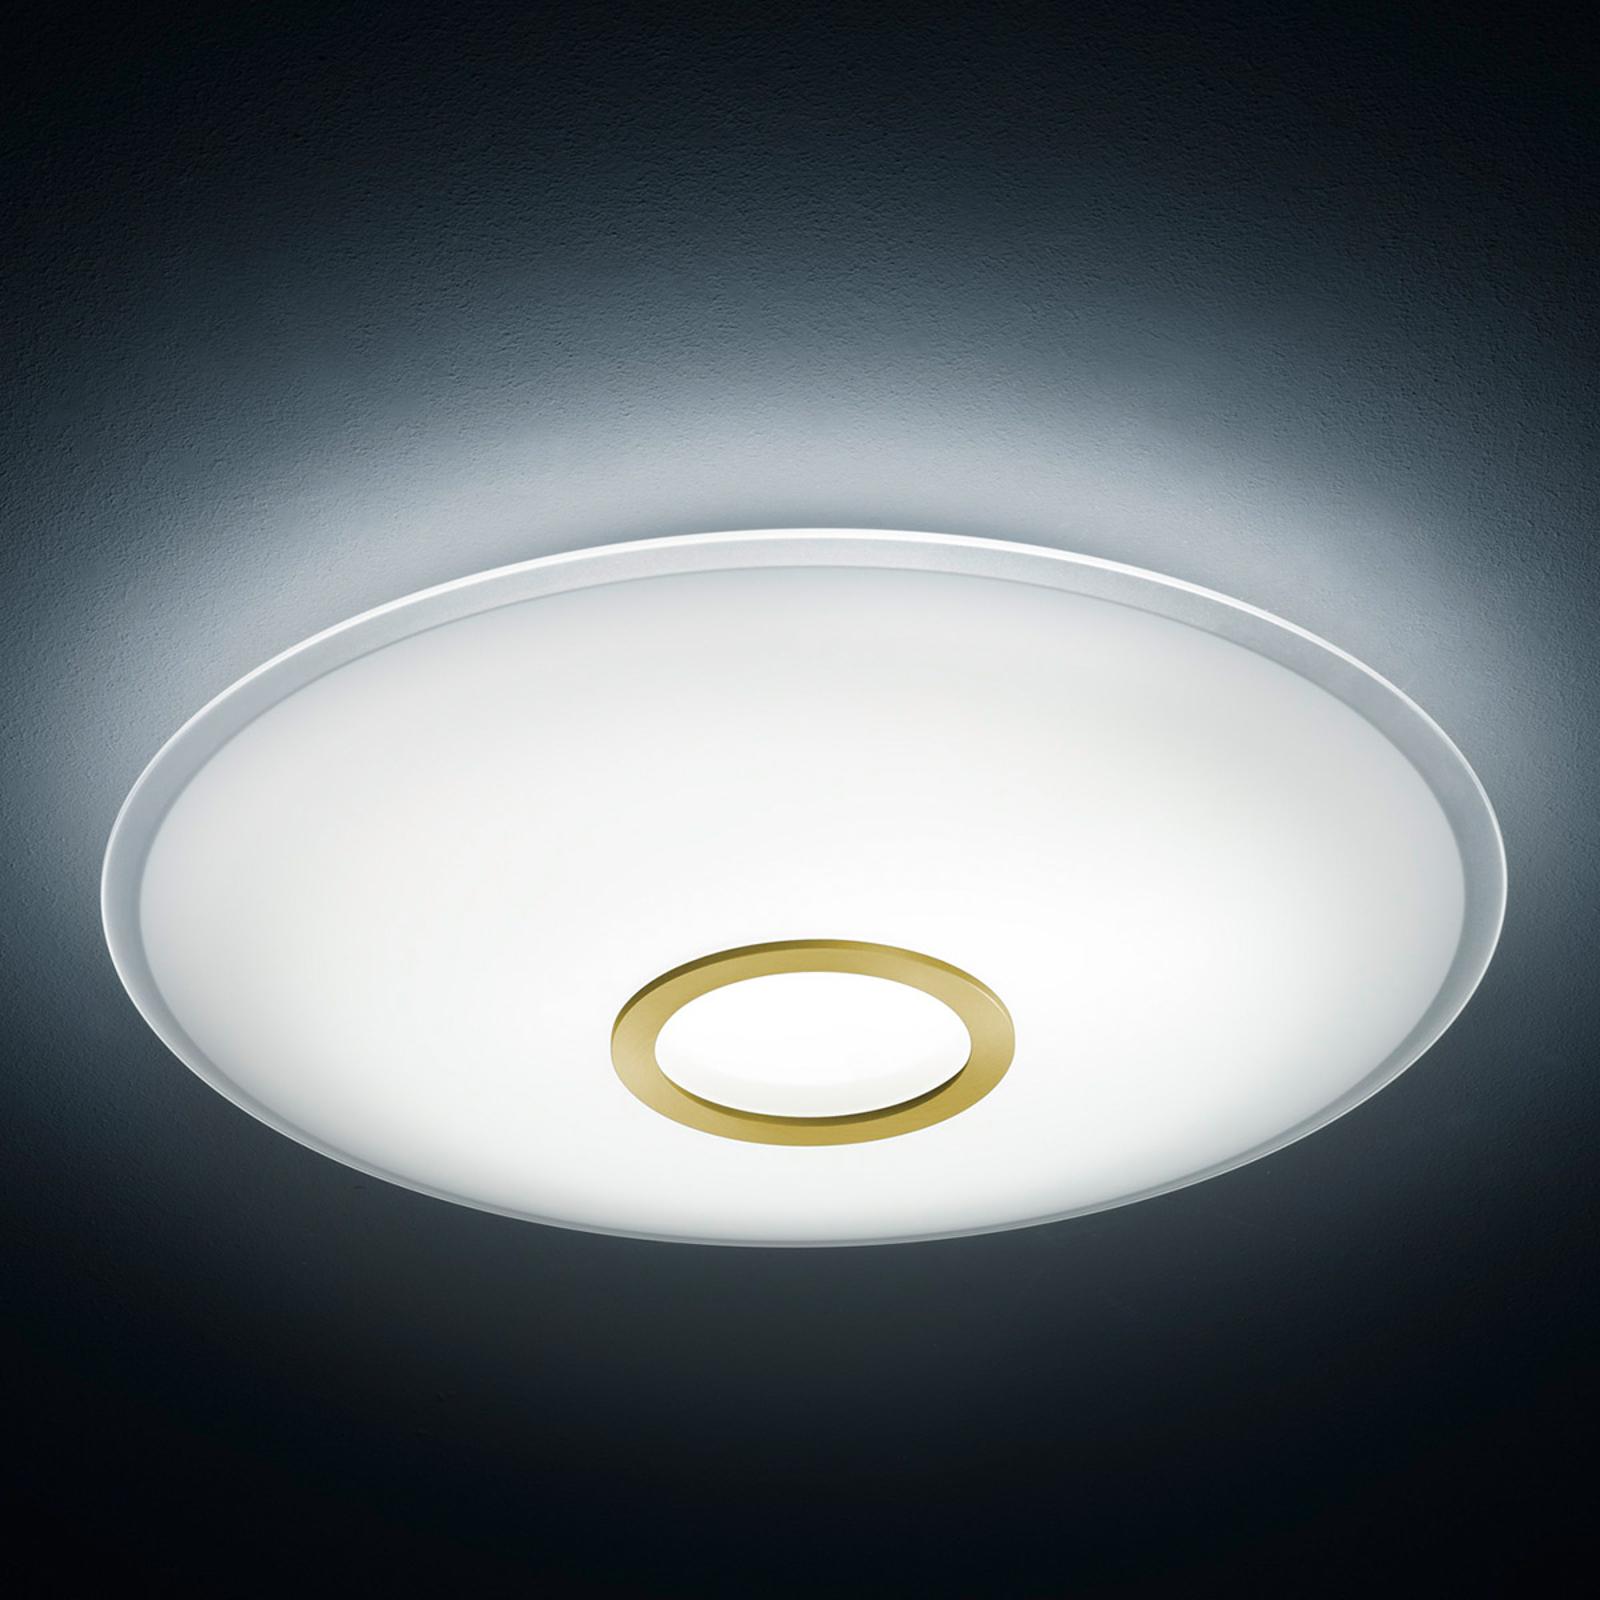 Lampa sufitowa LED NUNO, mosiężna matowa